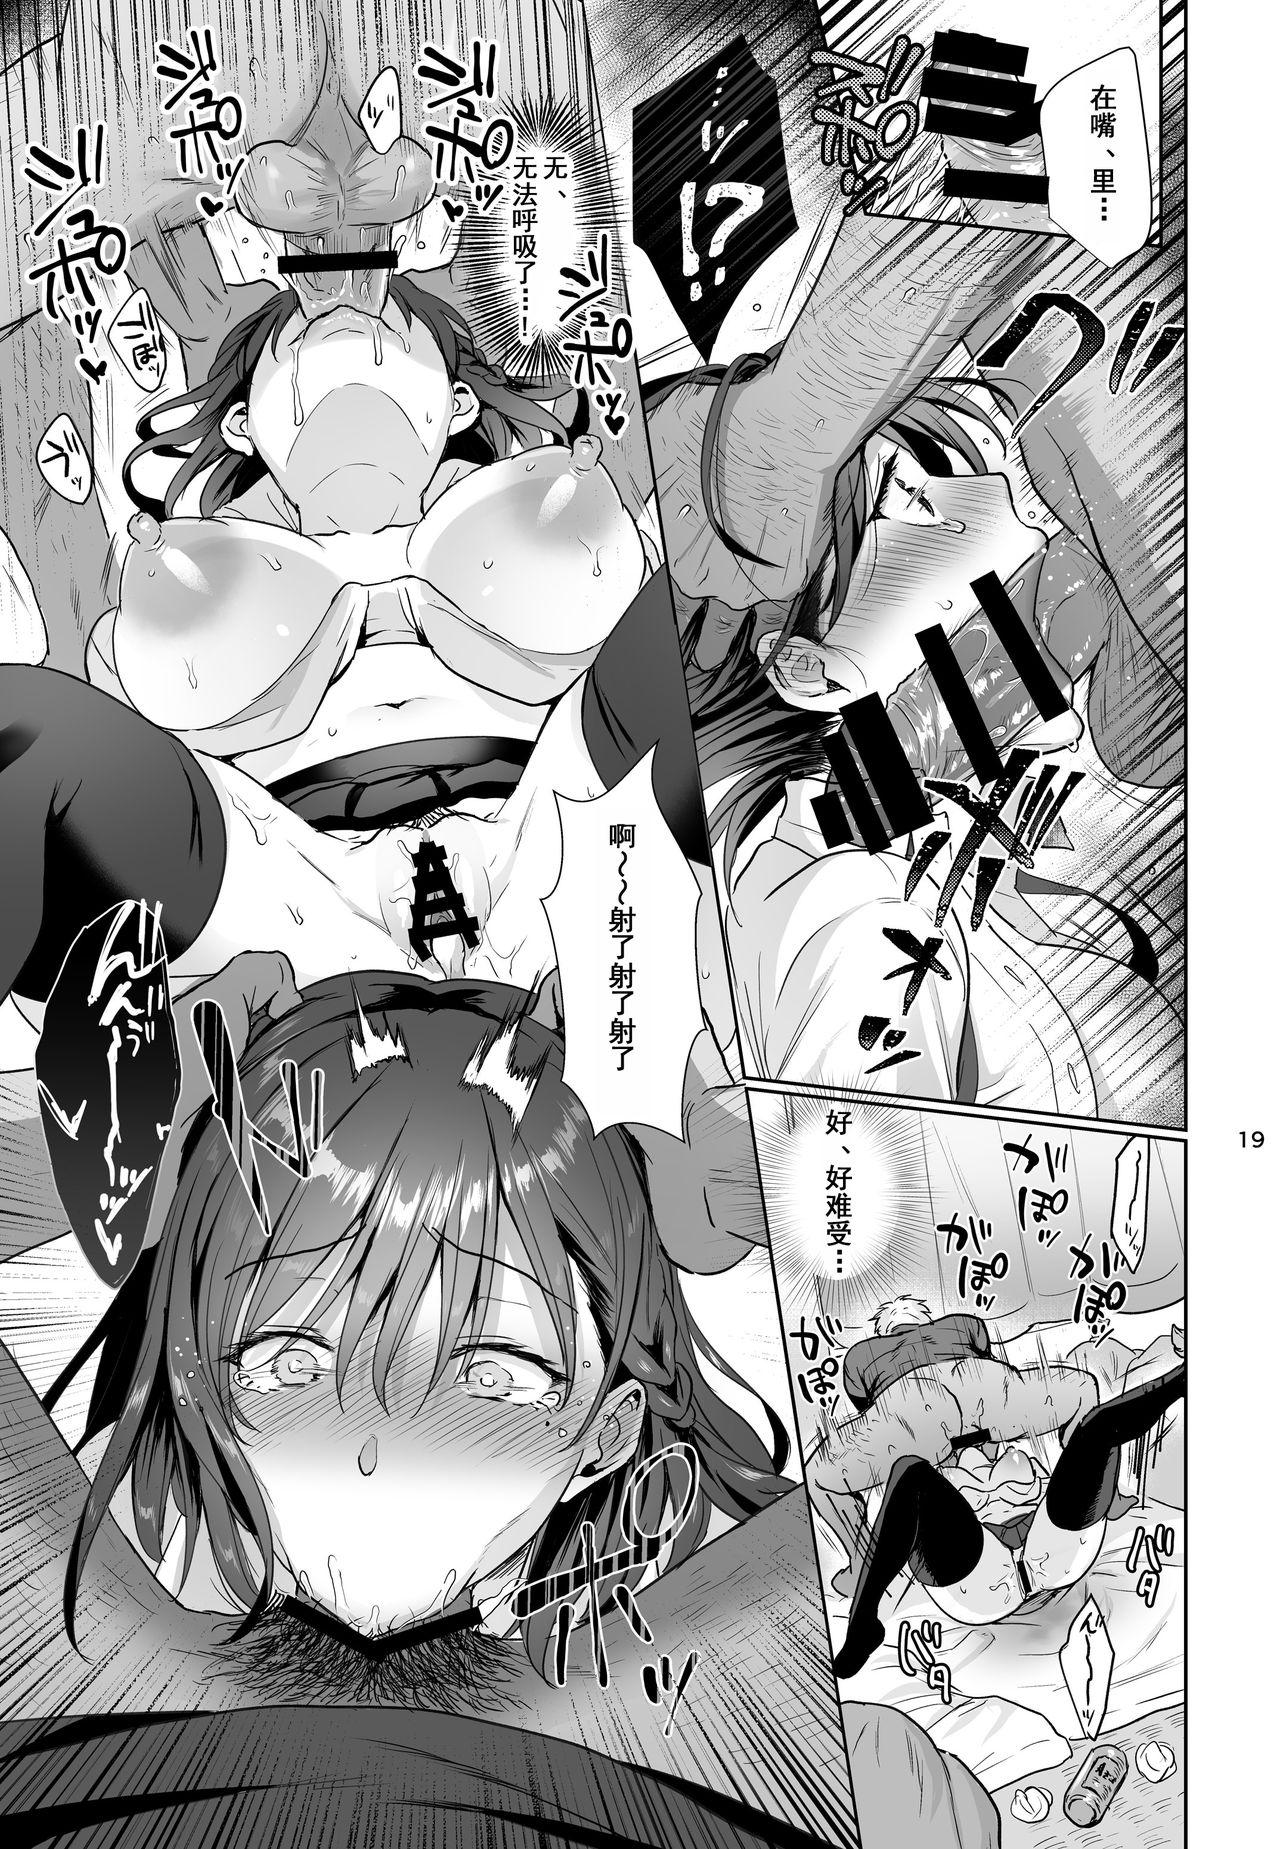 Toshoshitsu no Kanojo 17